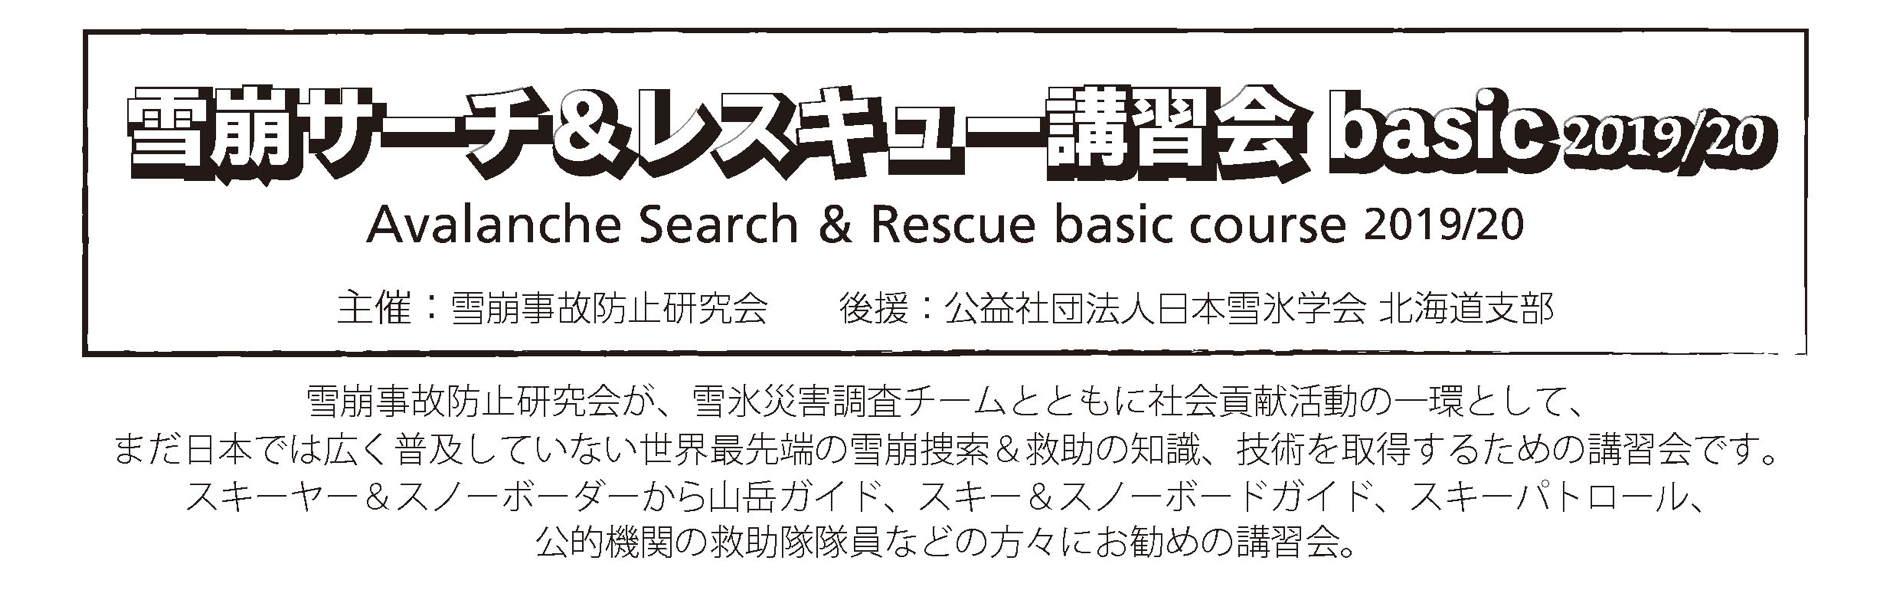 雪崩サーチ&レスキュー講習会 basic 2019/20